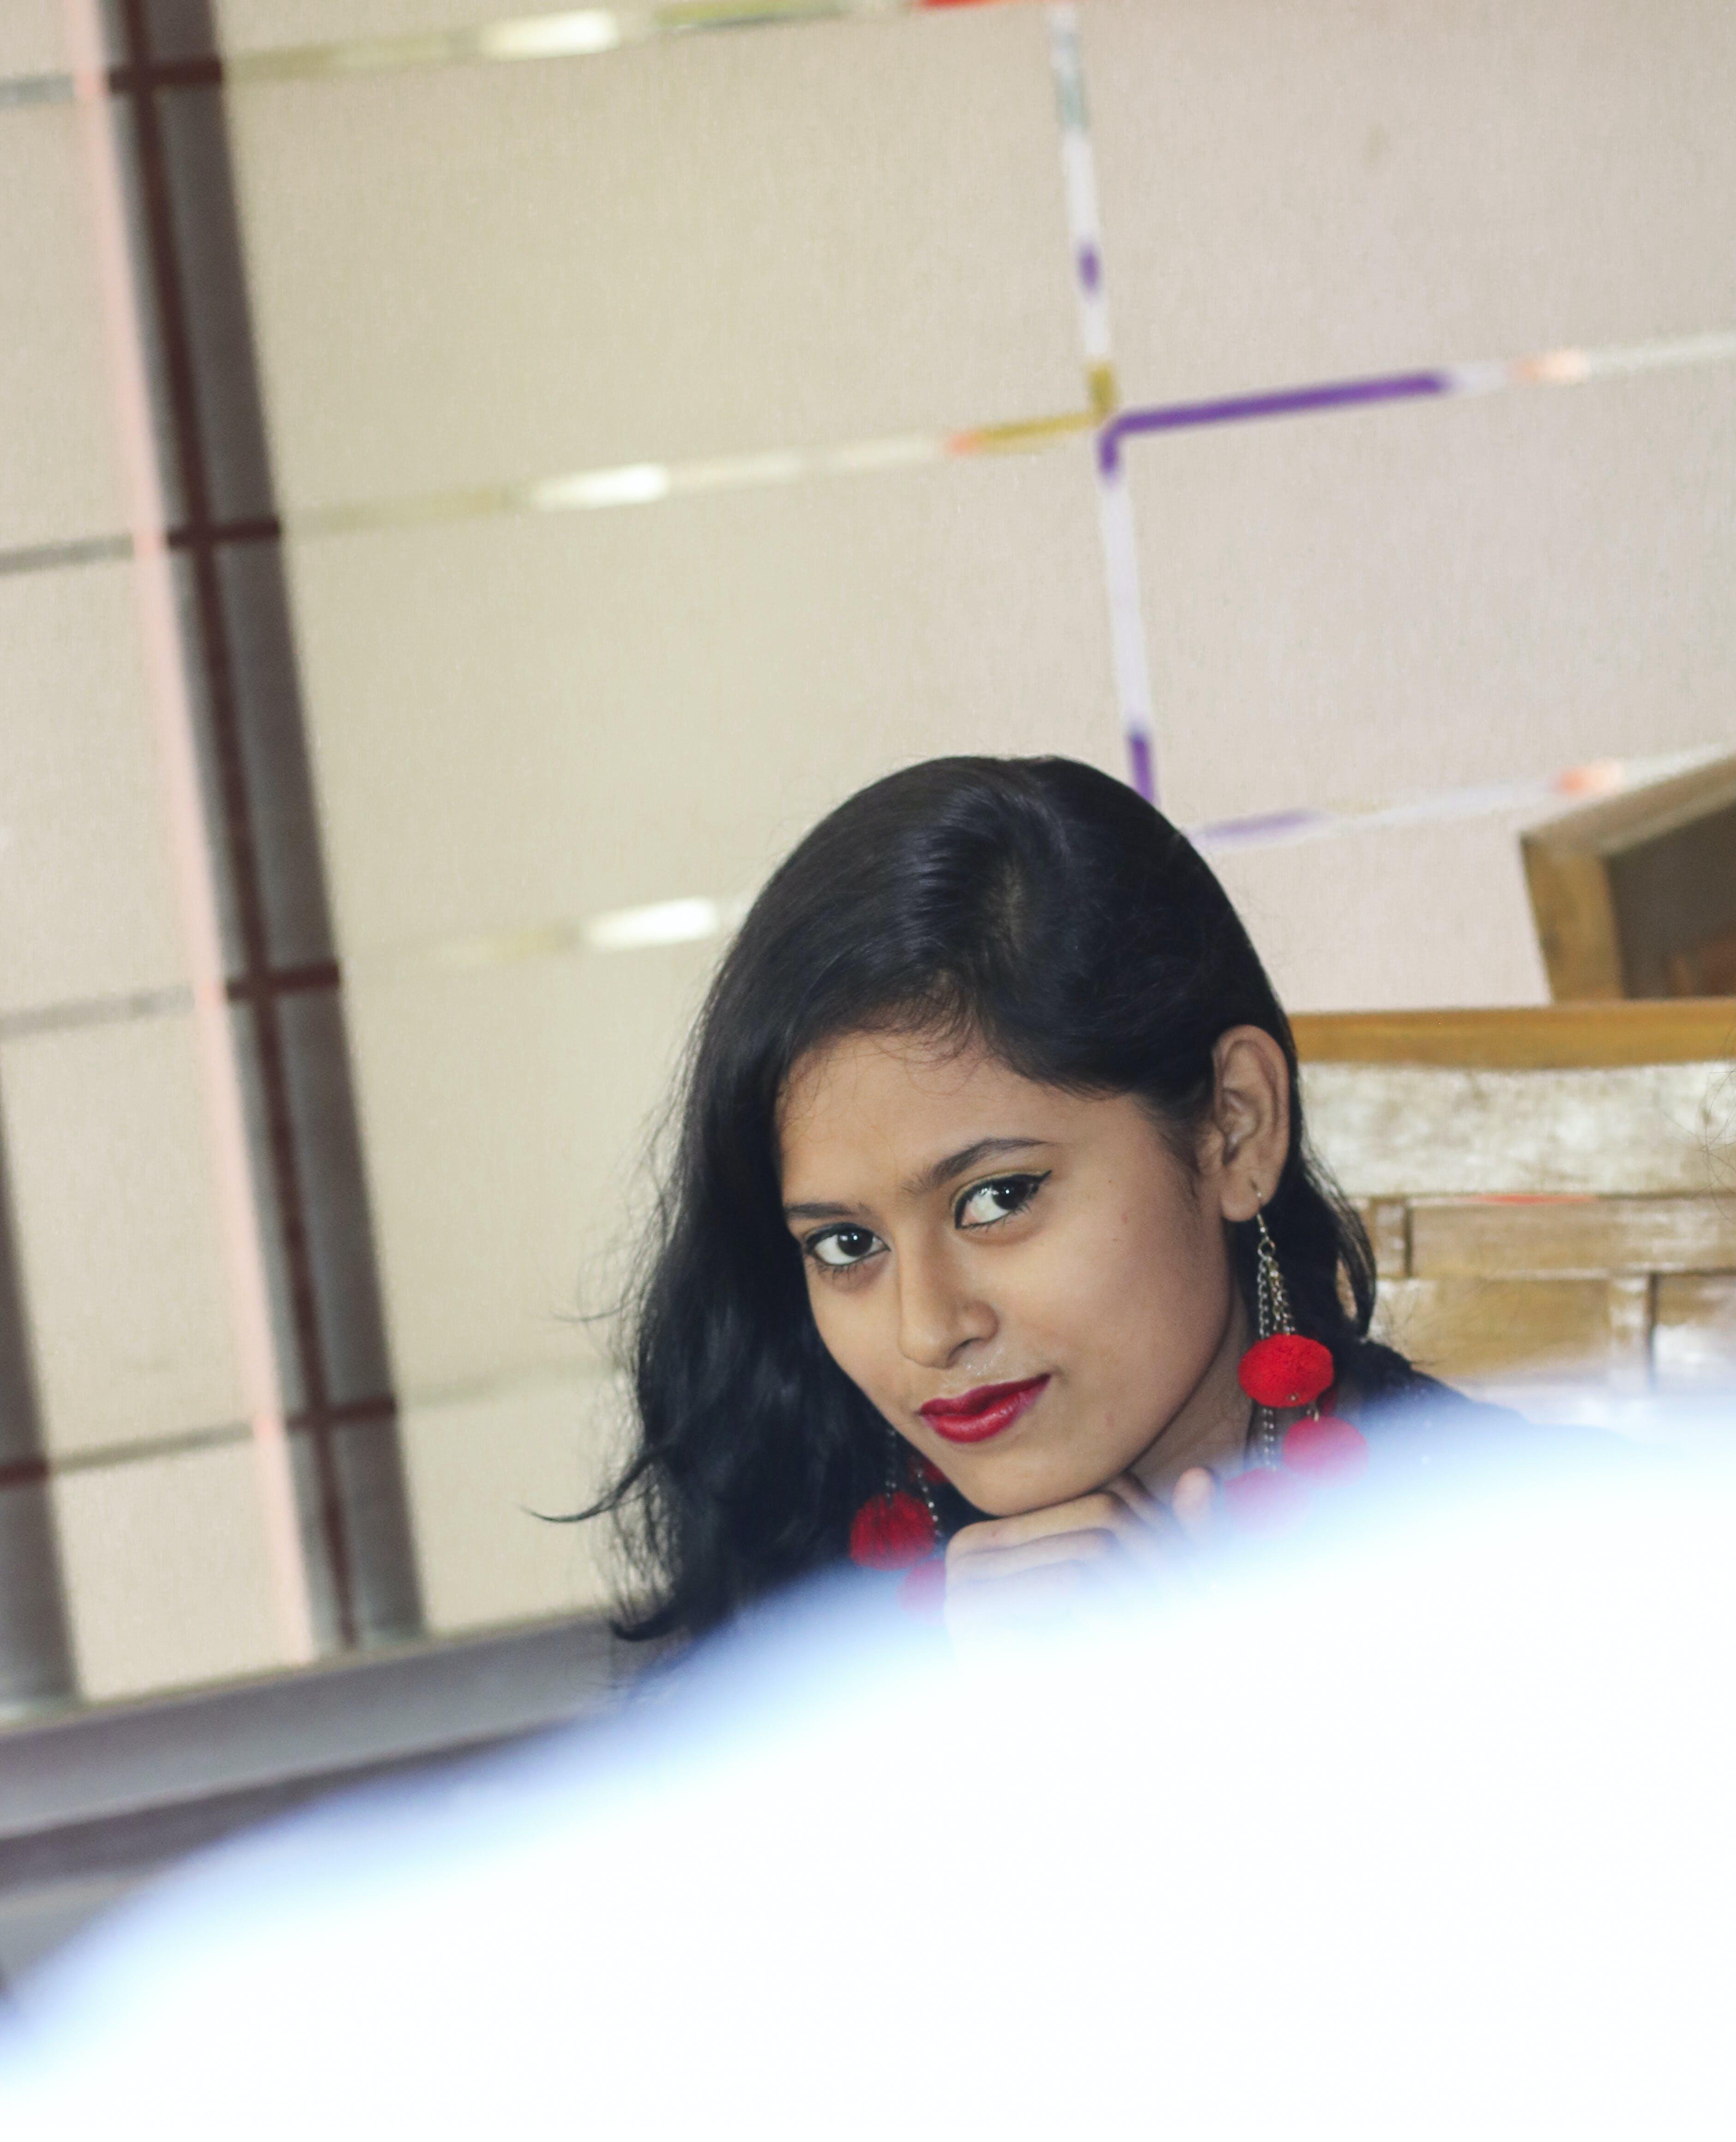 Free stock photo of celebarate, cute girl, eye, fariha